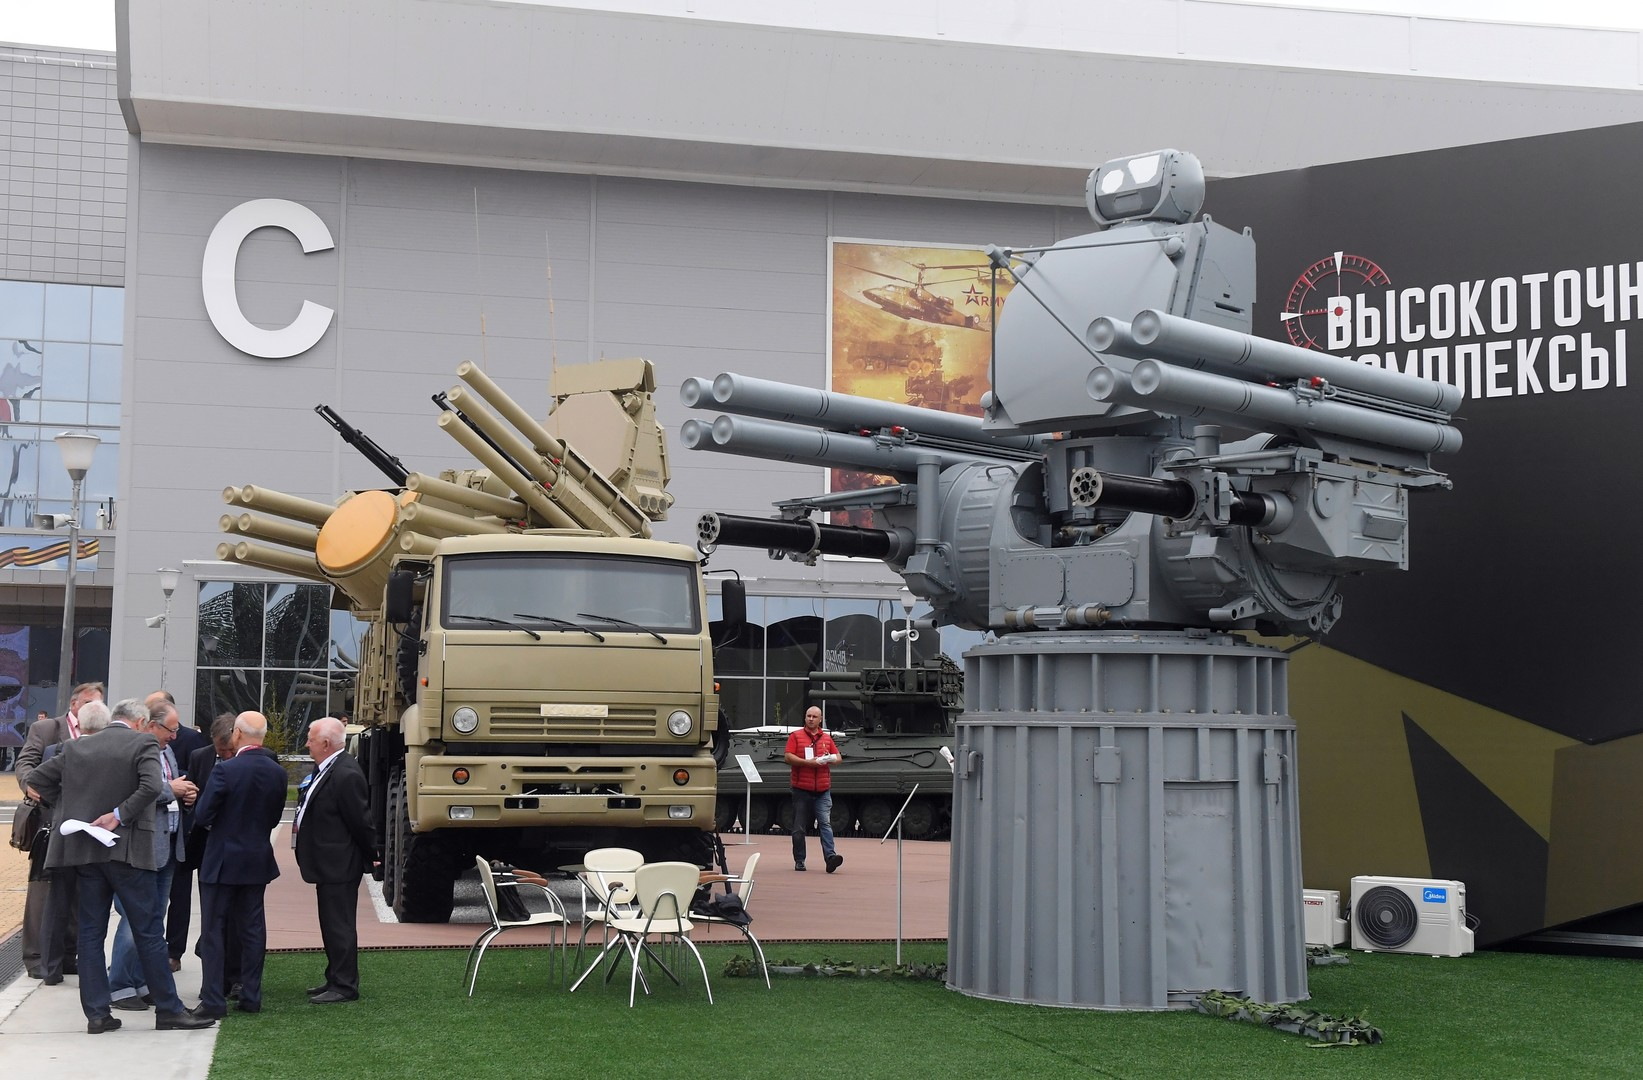 """كيف ستتسلح """"ميسترال"""" المصرية بأقوى الأسلحة والمعدات الروسية؟ 5c18f96bd437503a1c8b4593"""